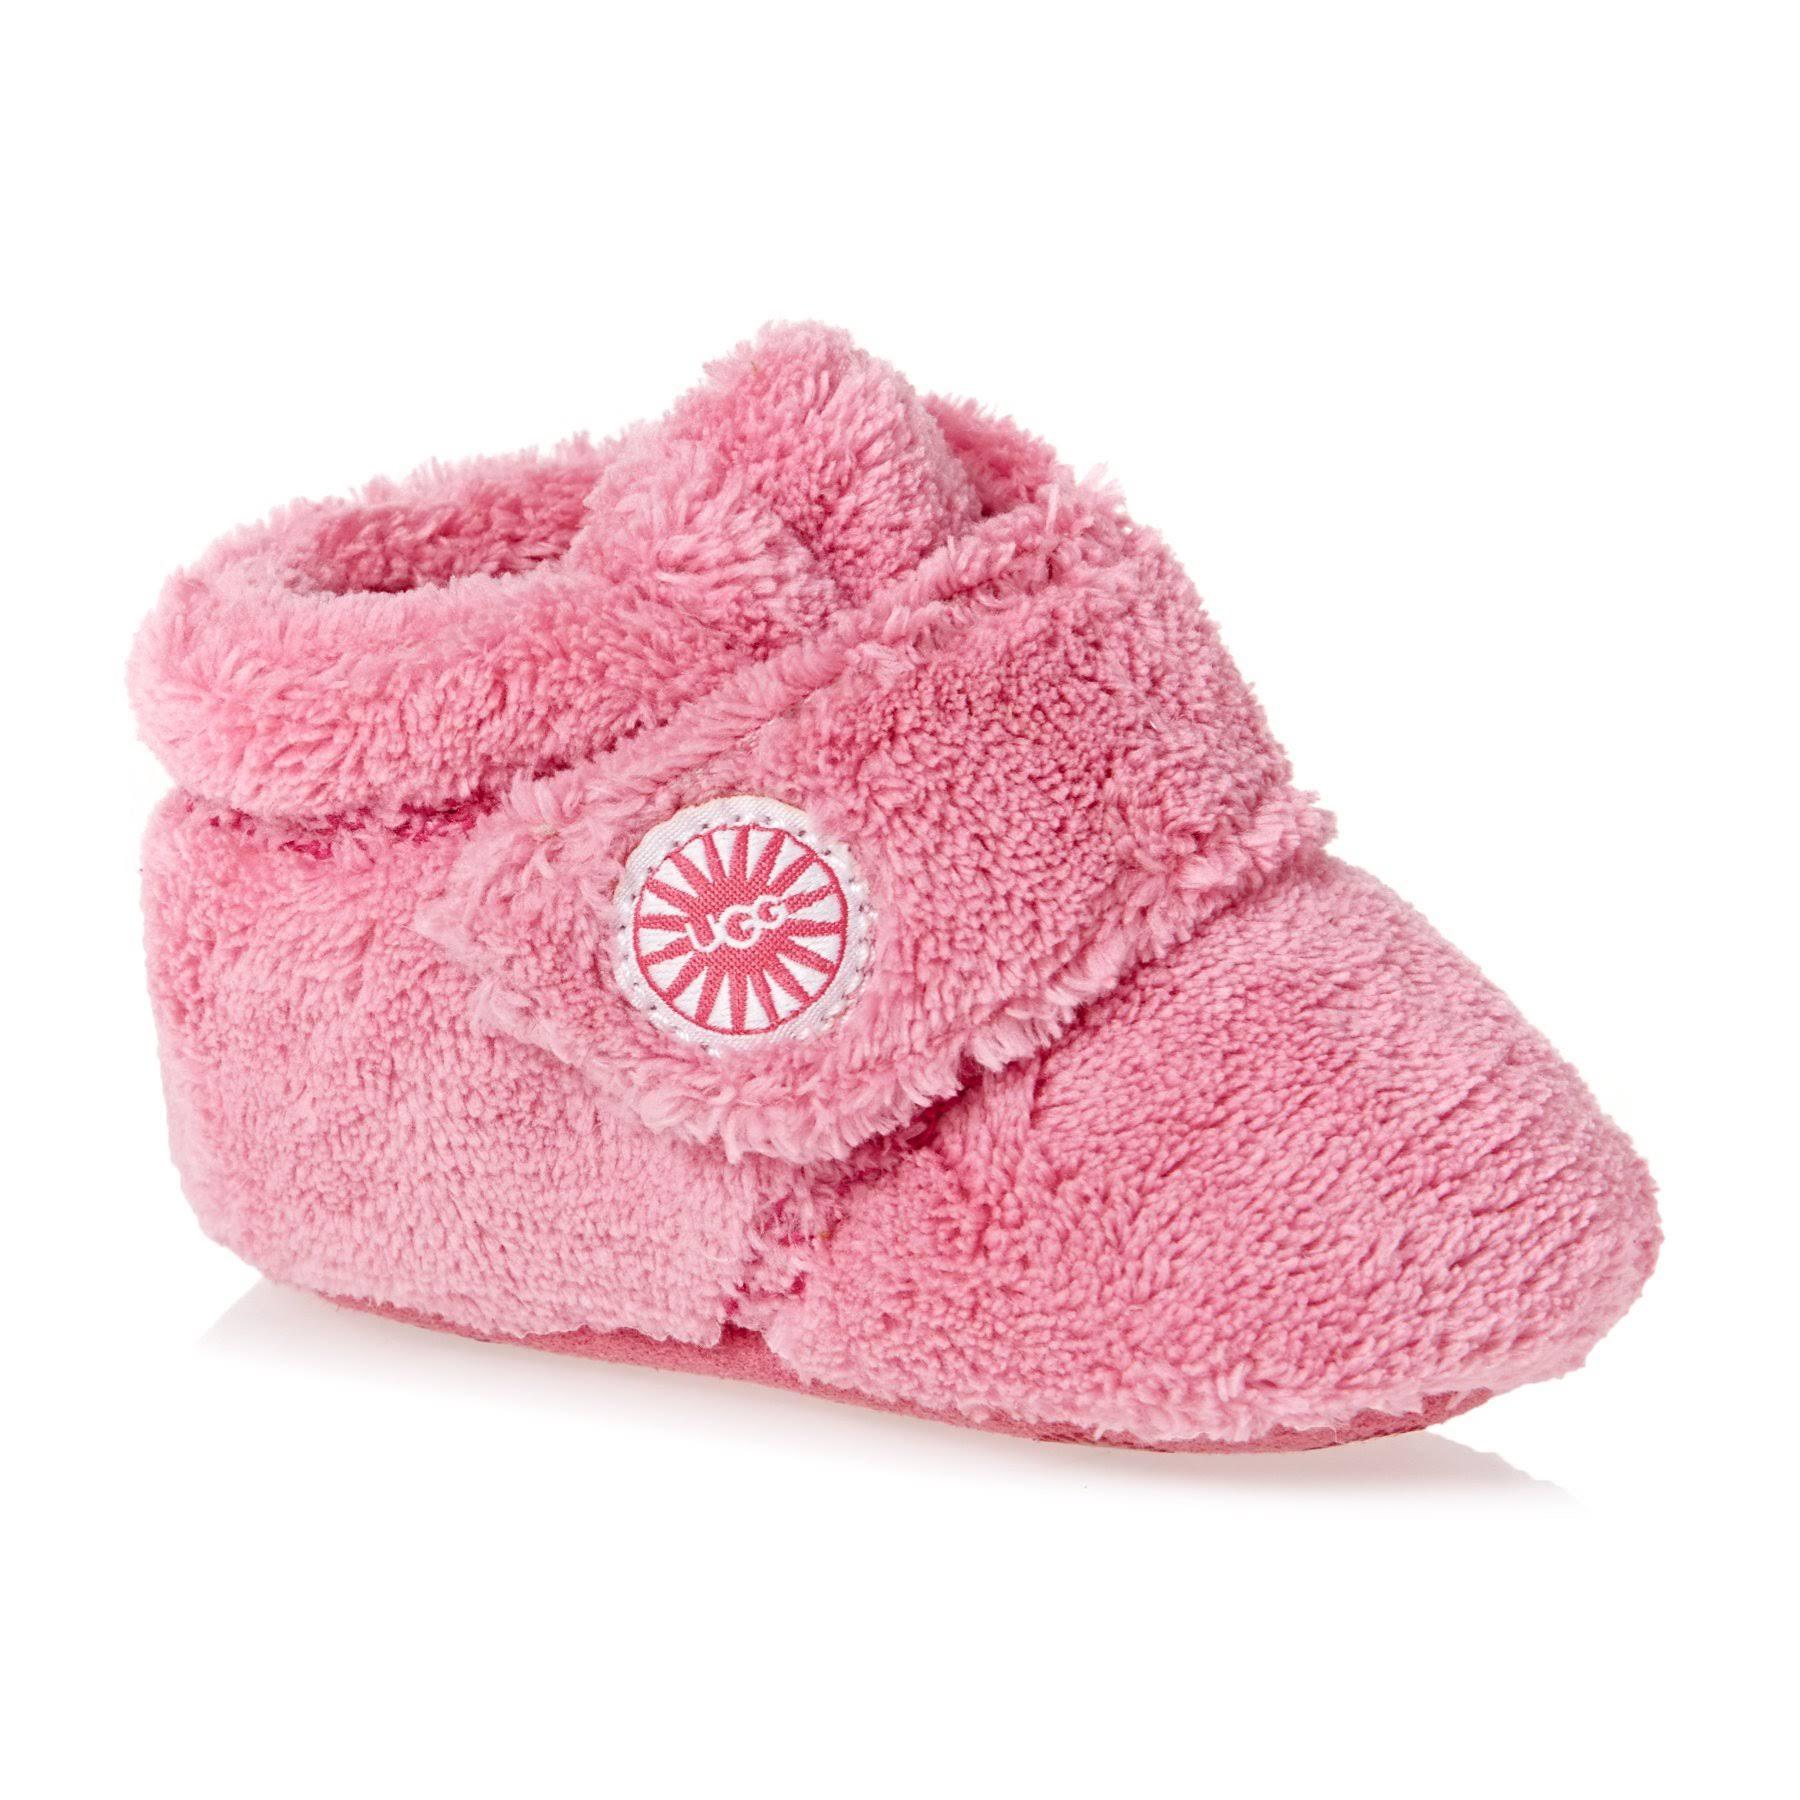 Ugg BixbeeBubblegum Botas Pink Ugg Pink BixbeeBubblegum Botas Ugg Botas 1Tc3uJFKl